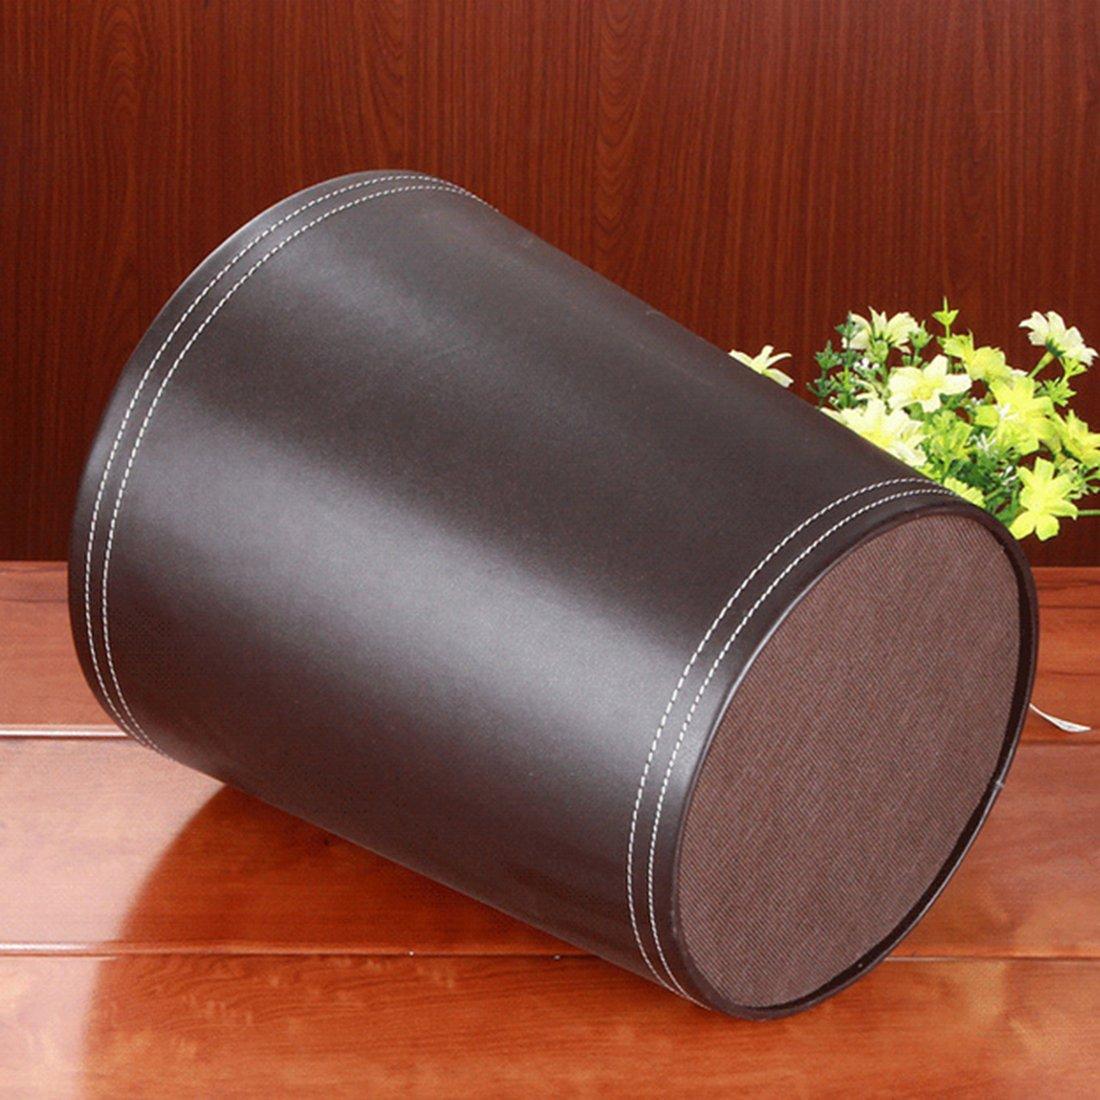 Runden Abfalleimer f/ür B/üro//Badezimmer//k/üche//Schlafzimmer 24,5 * 24,5 * 28 cm Leder Papierkorb M/ülleimer 7 Liter